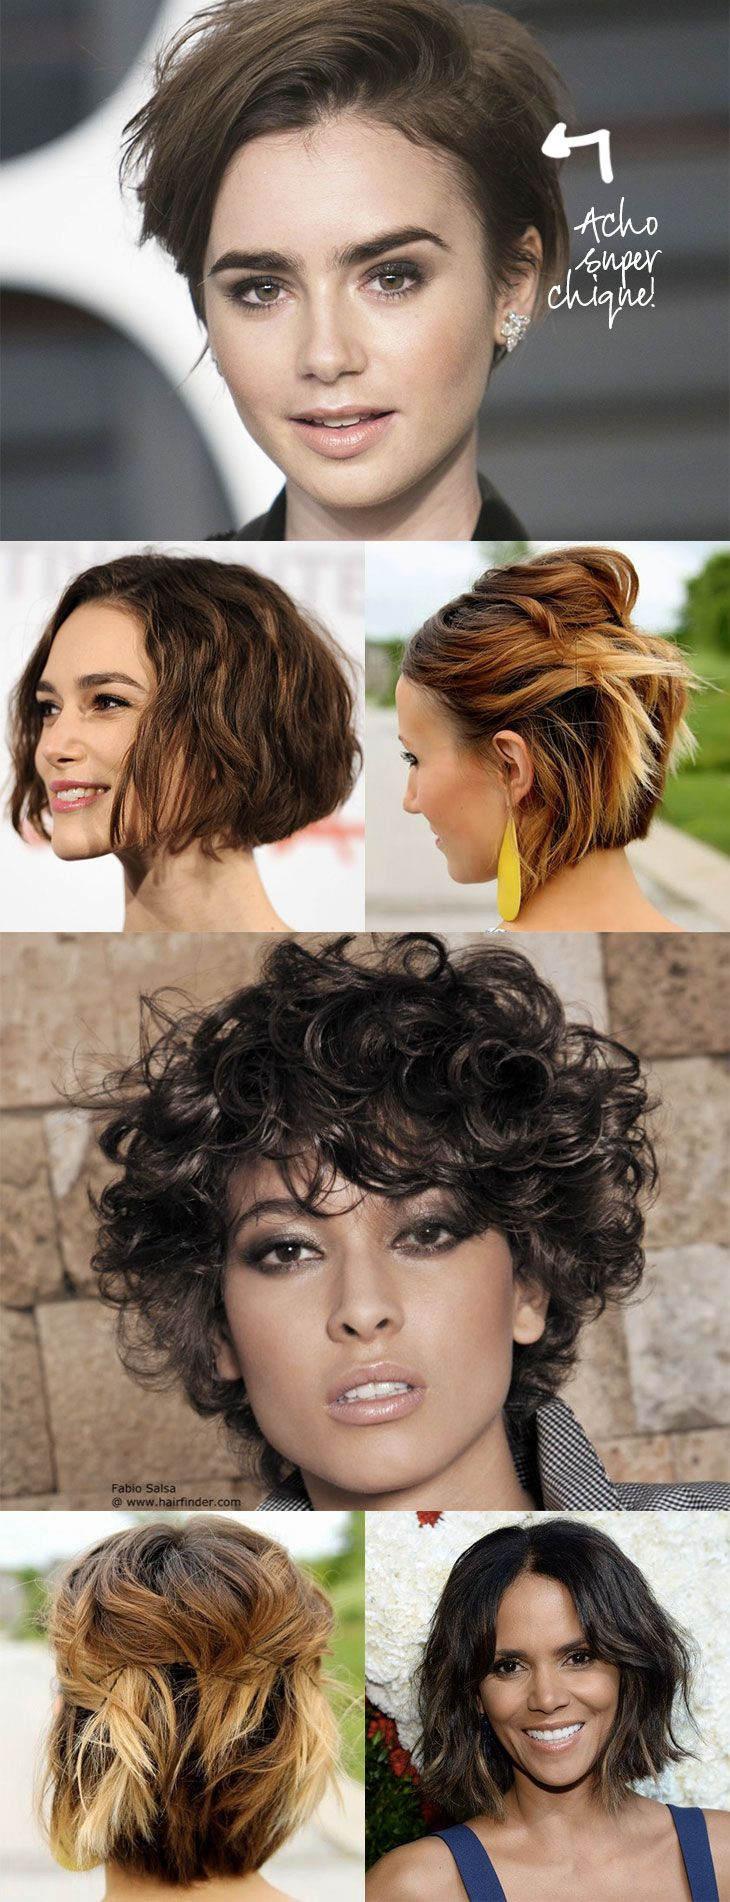 Várias opções de Penteados para Cabelos Curtos - tranças, coques, rabos, penteados bagunçados e com acessórios como headbands, faixas e turbantes!